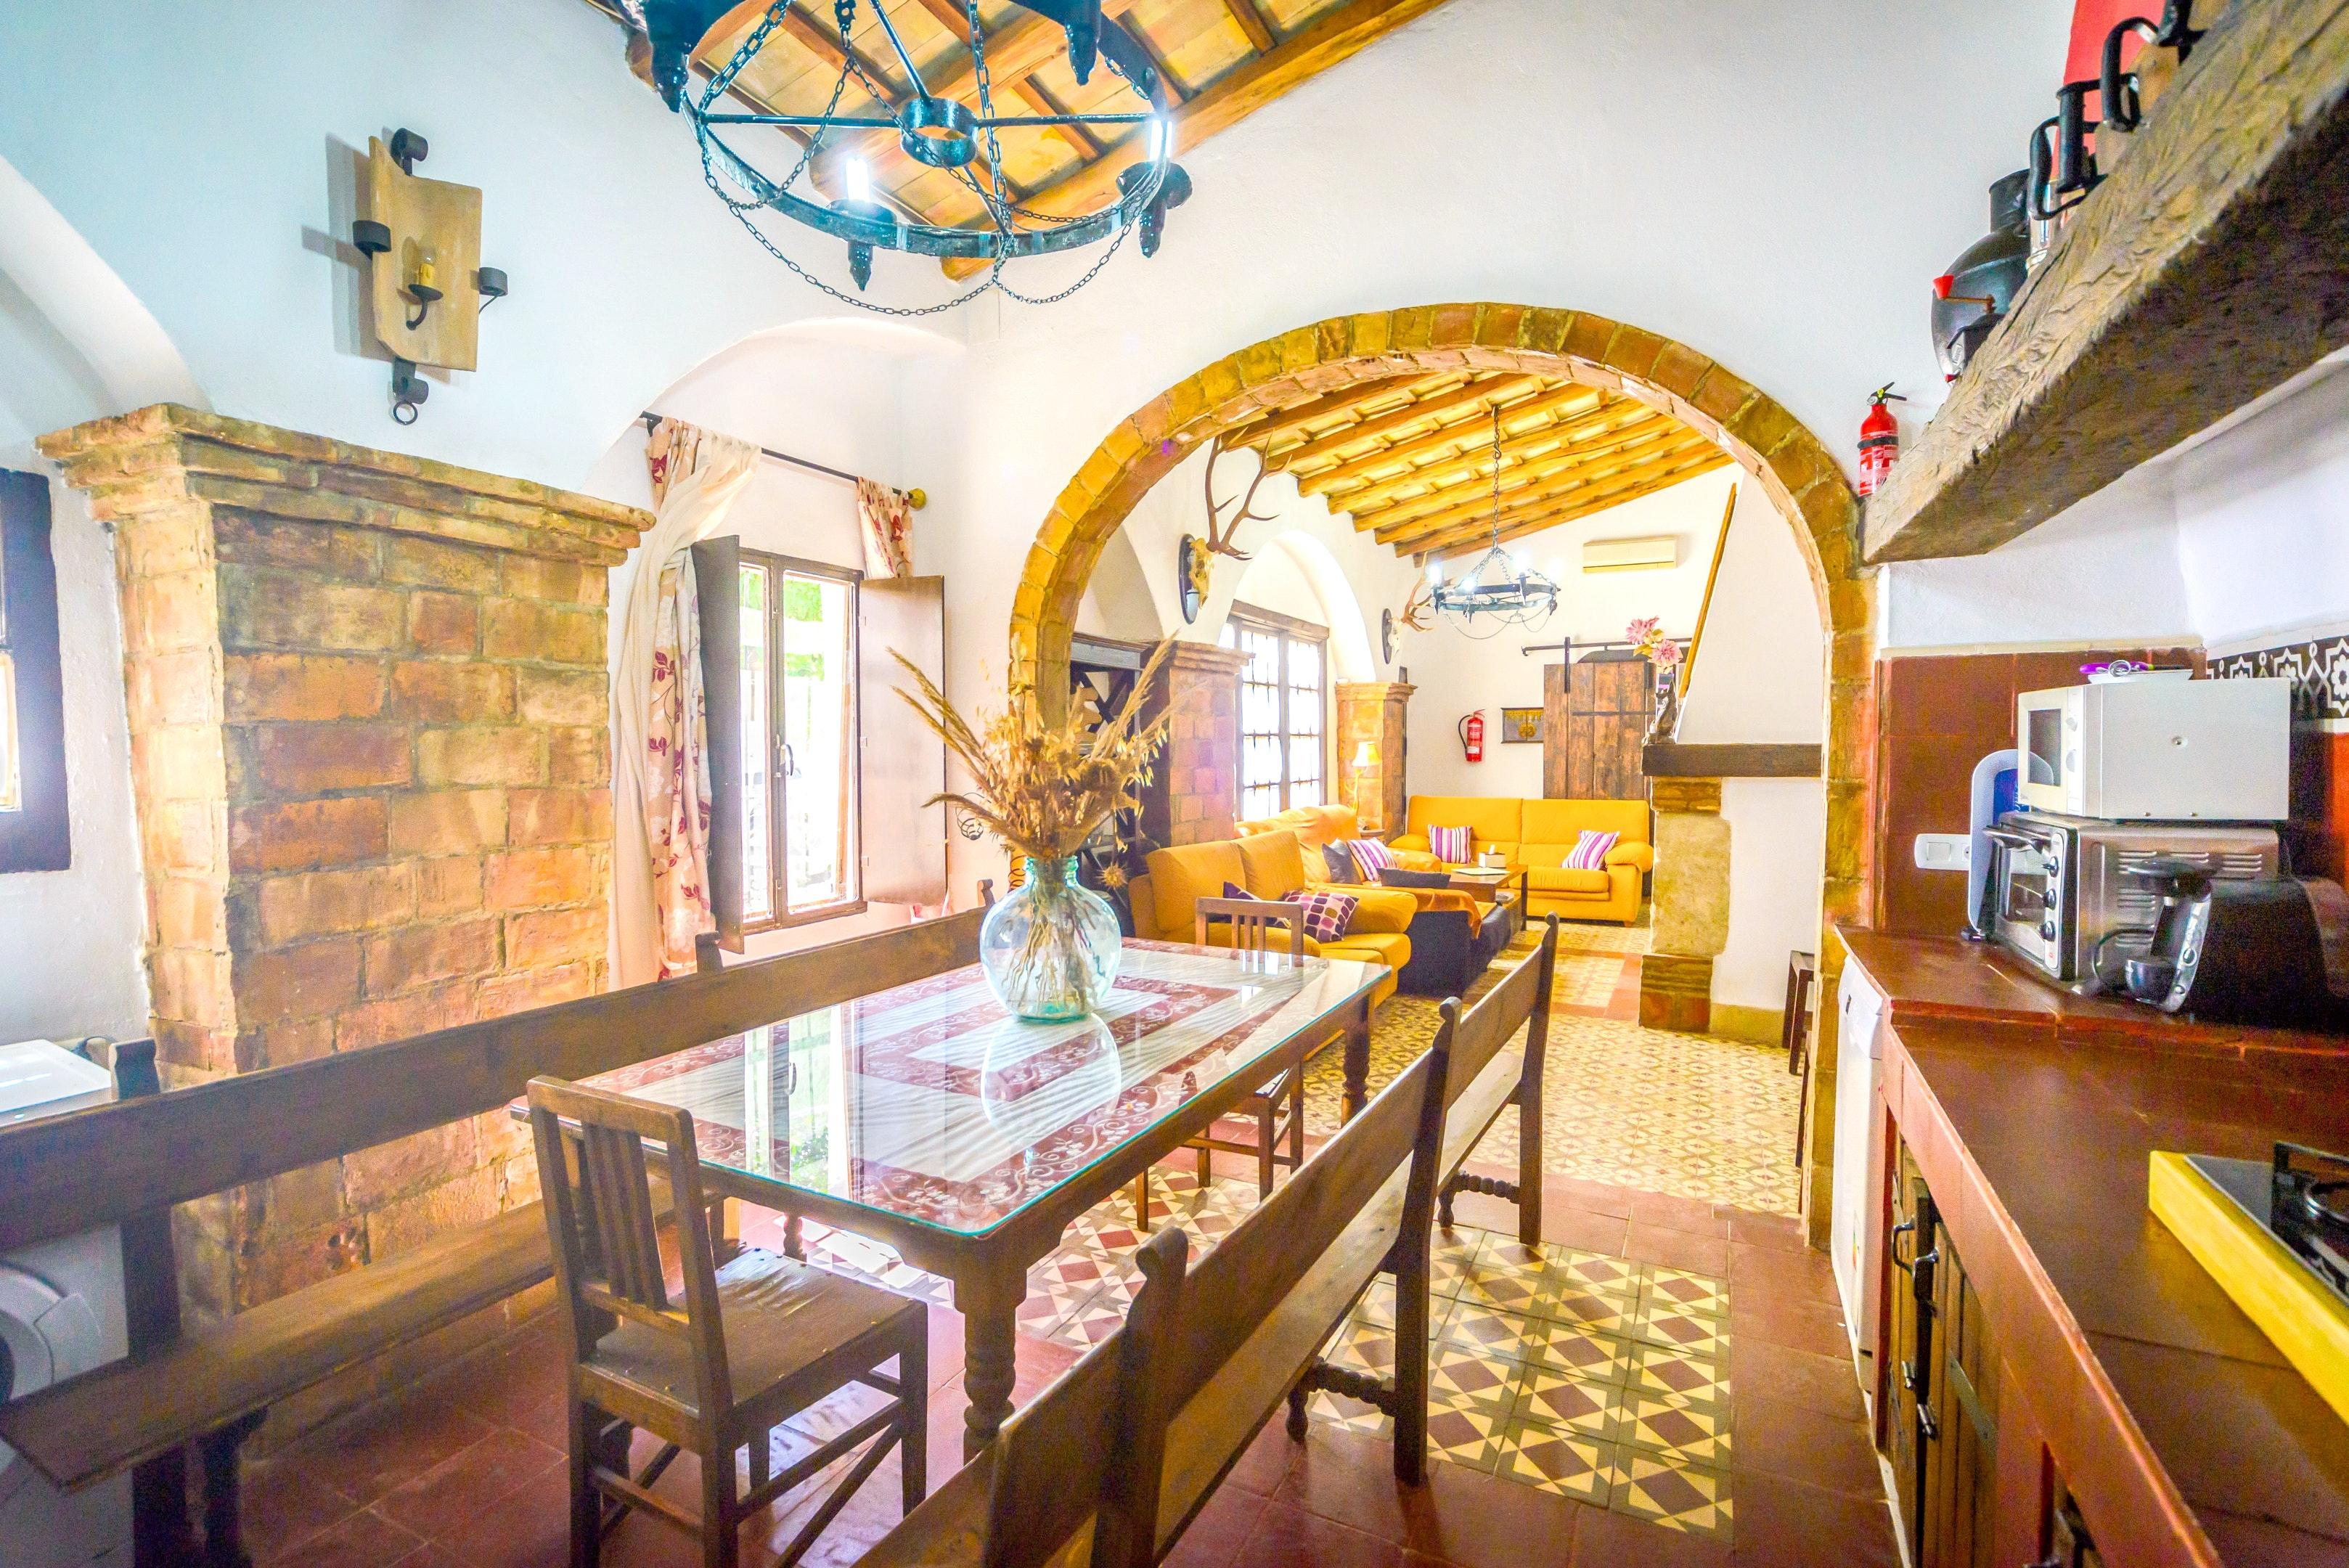 Ferienhaus Villa mit 3 Schlafzimmern in Peñaflor mit privatem Pool, eingezäuntem Garten und W-LAN (2208249), Peñaflor, Sevilla, Andalusien, Spanien, Bild 9